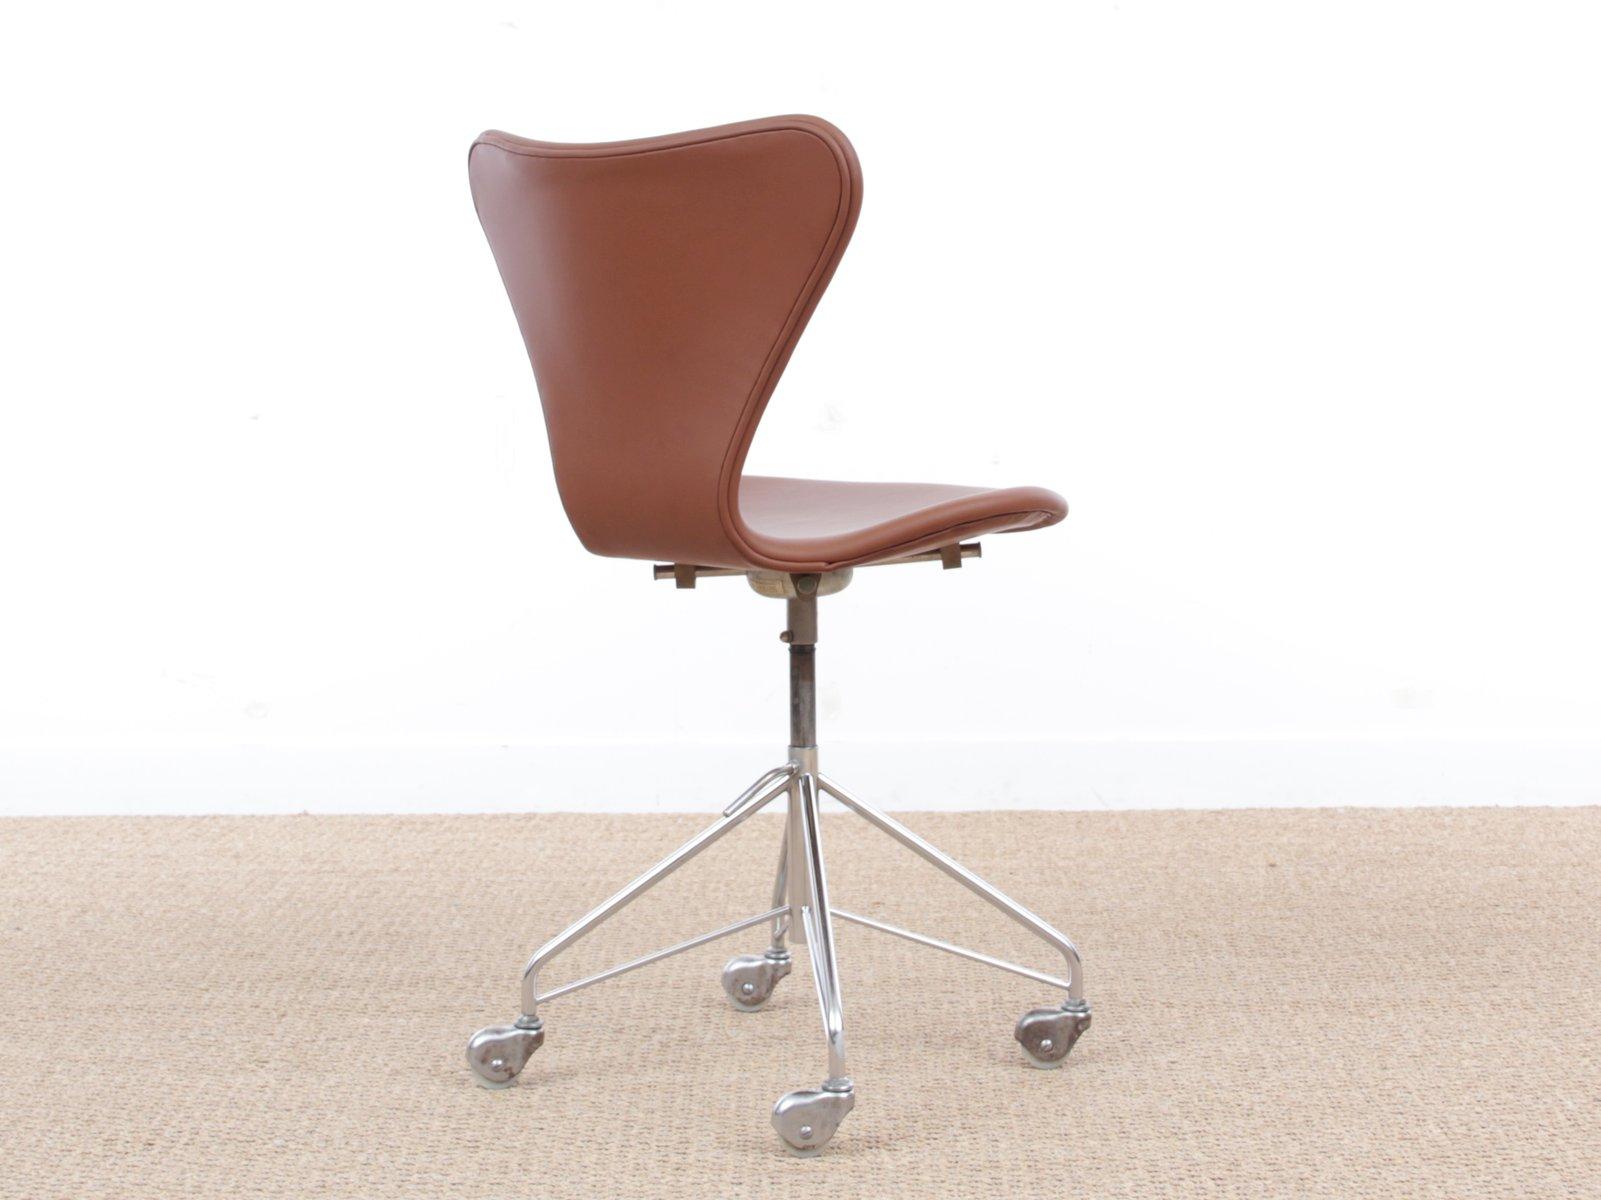 Mid century modern model 3117 desk chair by arne jacobsen for Chaise arne jacobsen